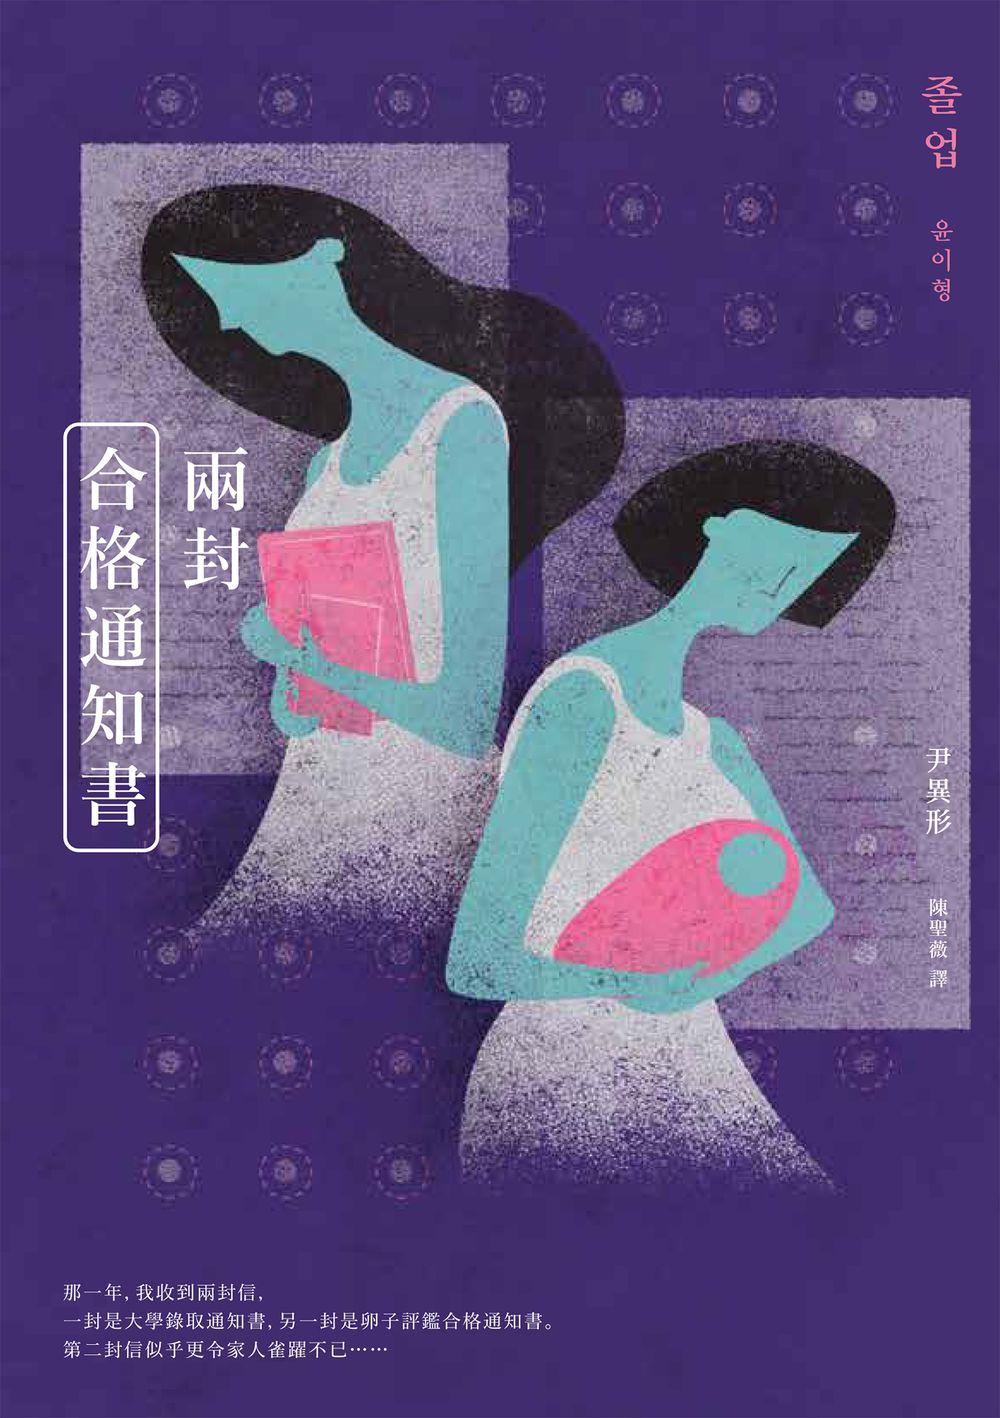 兩封合格通知書(少女版《使女的故事》・韓國怪物級小說家著作首度進軍繁體中文界) (電子書)